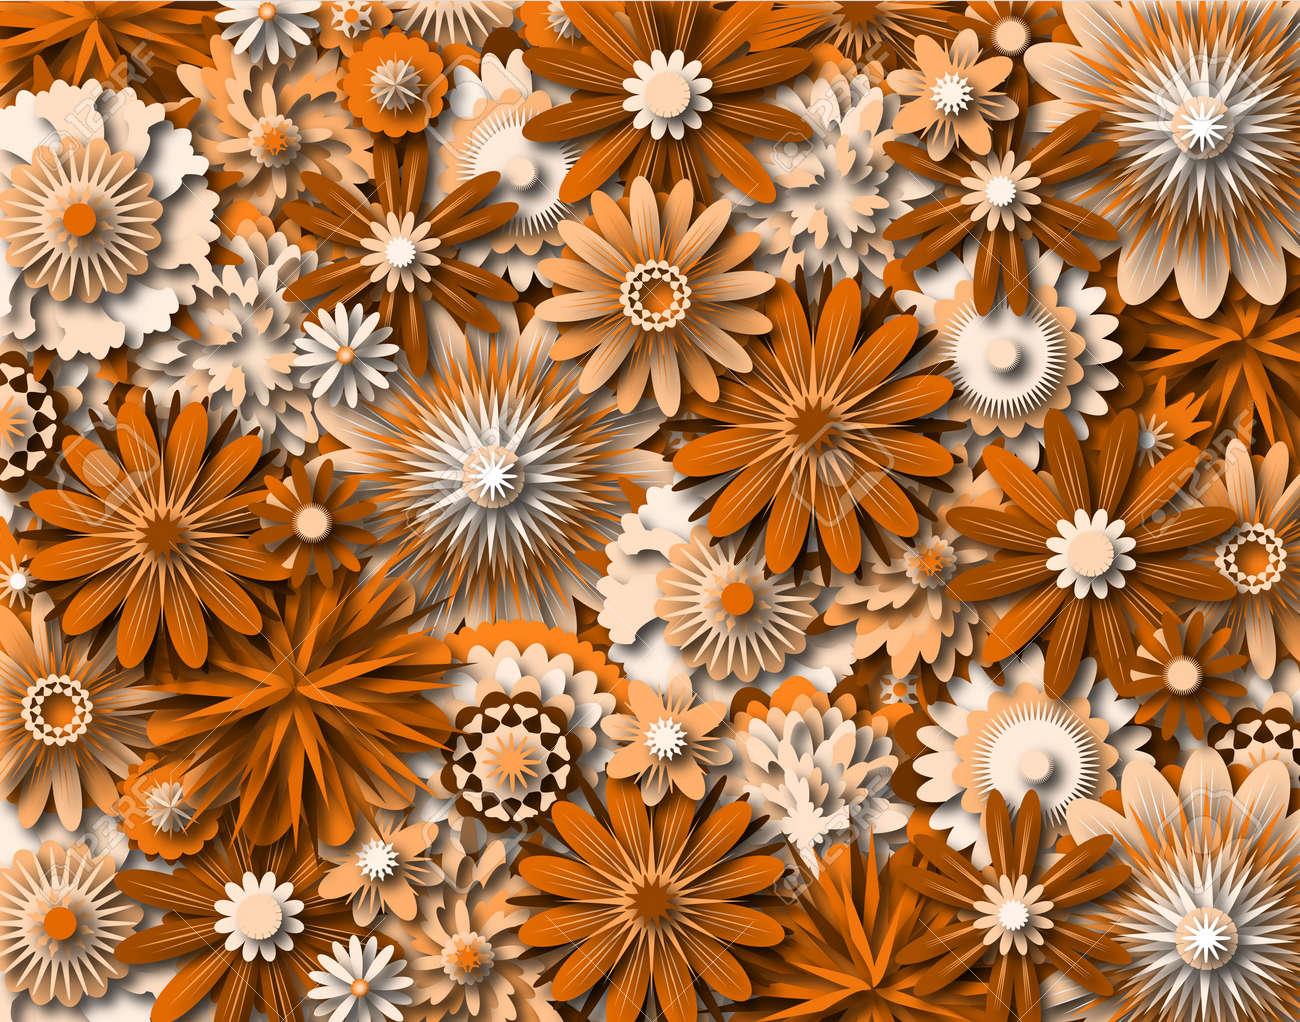 Background illustration of generic orange-tinted flowers Stock Photo - 6997478